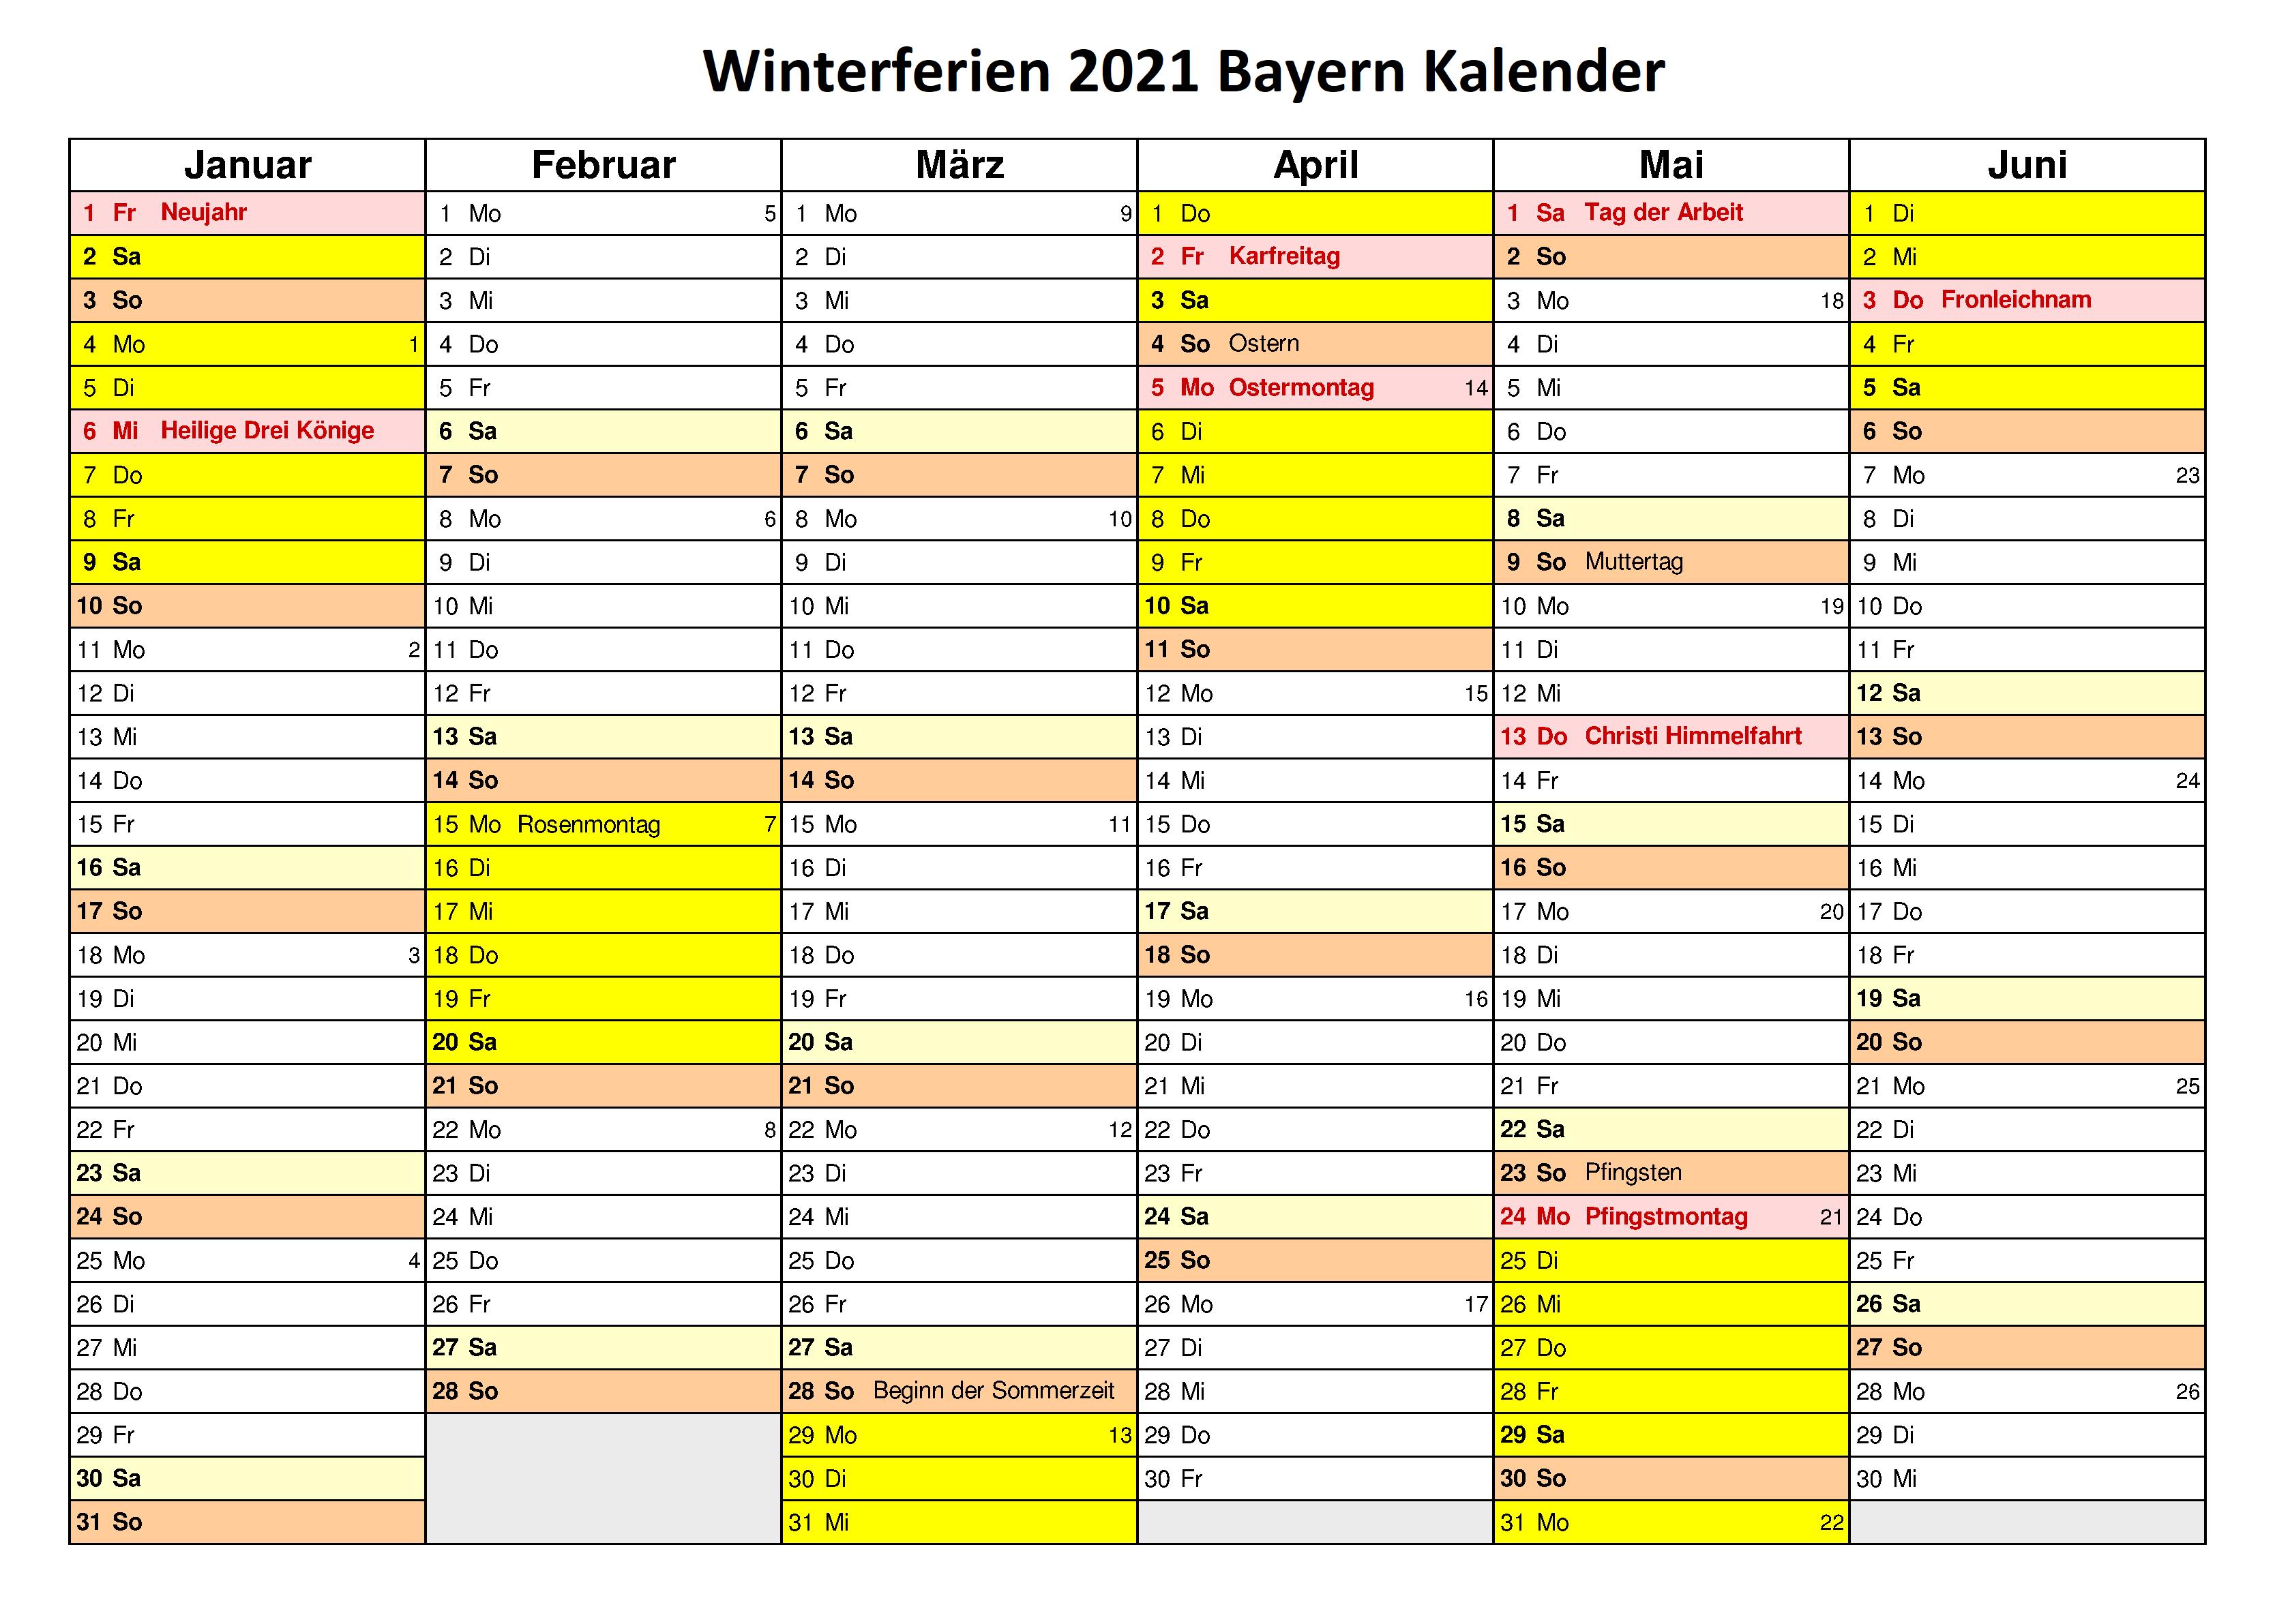 Winterferien Kalender 2021 Bayern Excel